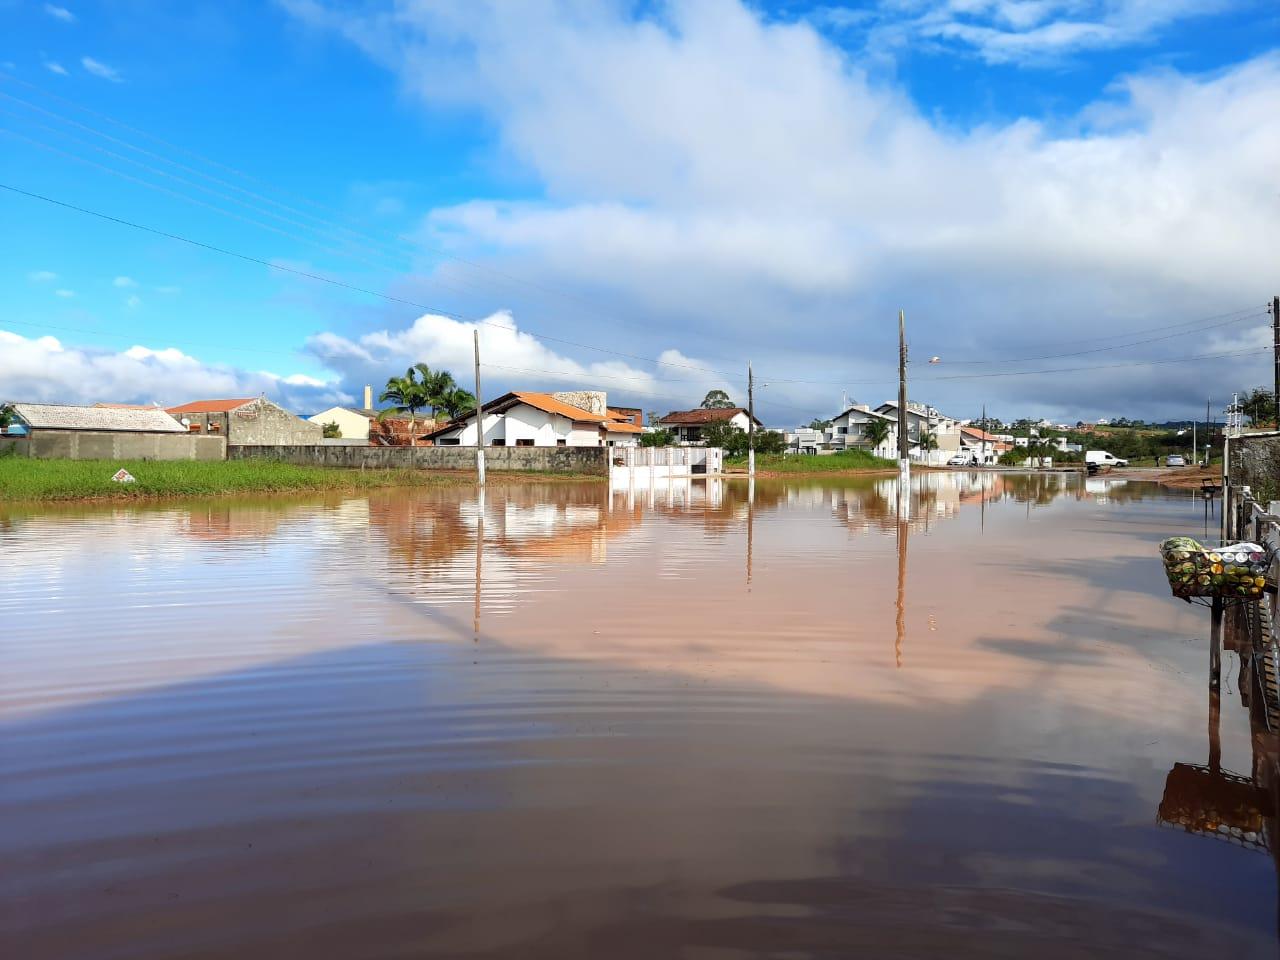 Canelinha foi o município da Grande Florianópolis mais afetado pela enchente - Karina Koppe/NDTV